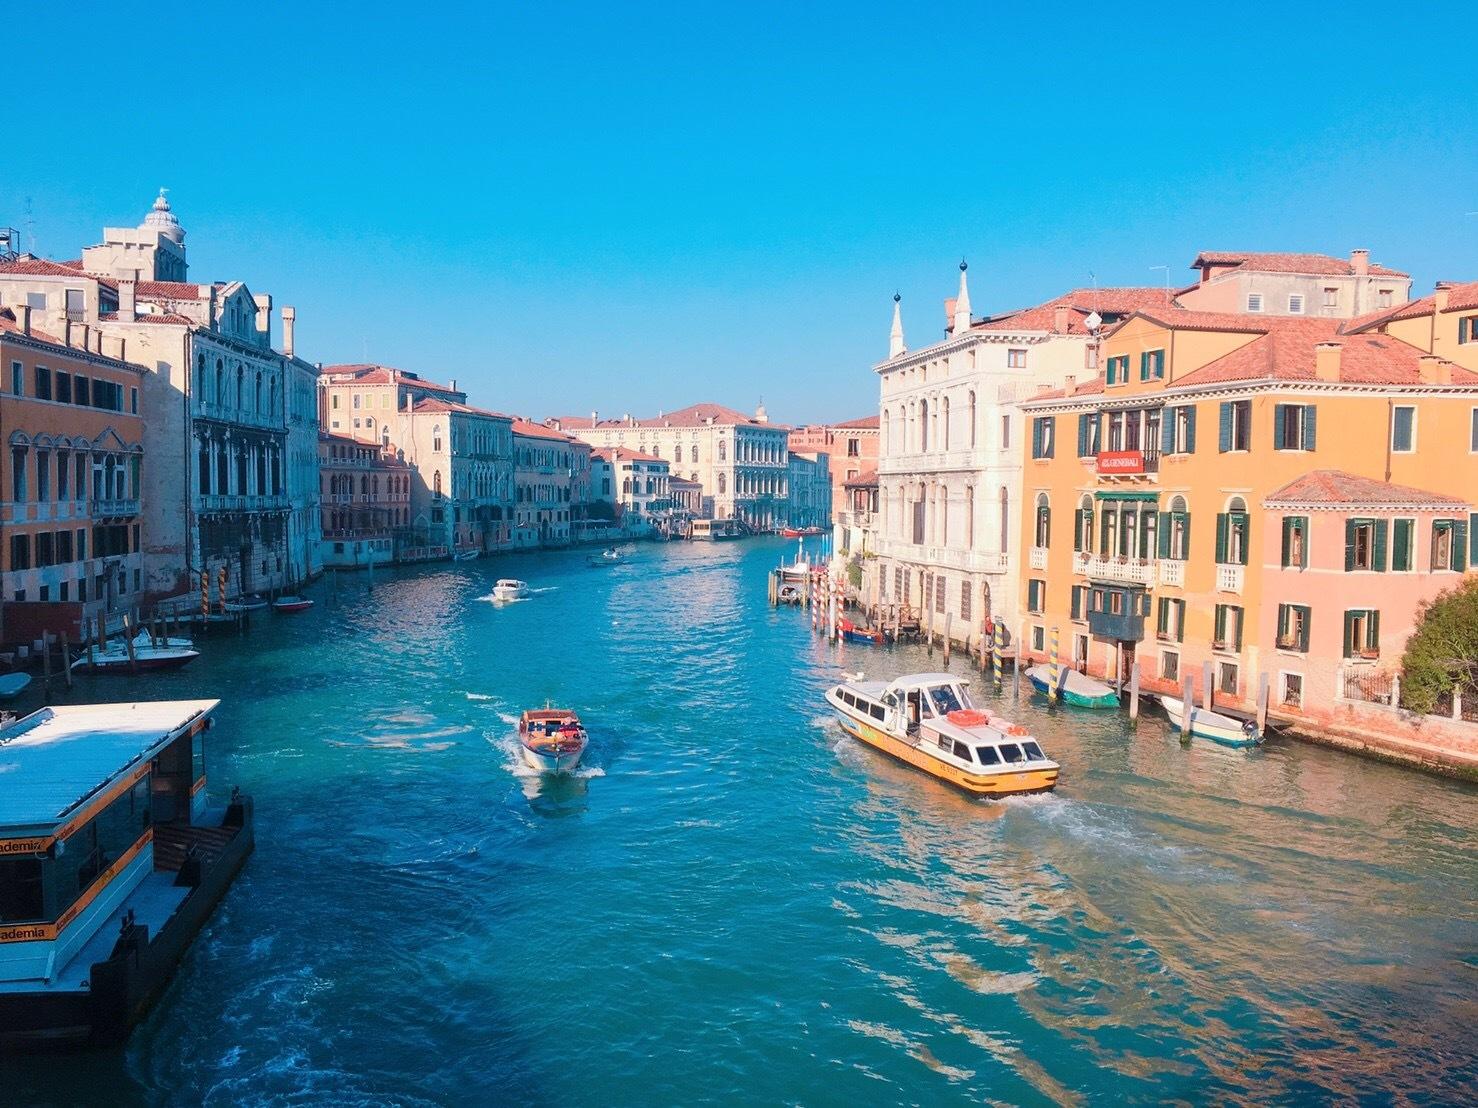 ロマンチックなイタリア旅行 --水の都【ベネチア】を観光--_1_3-1